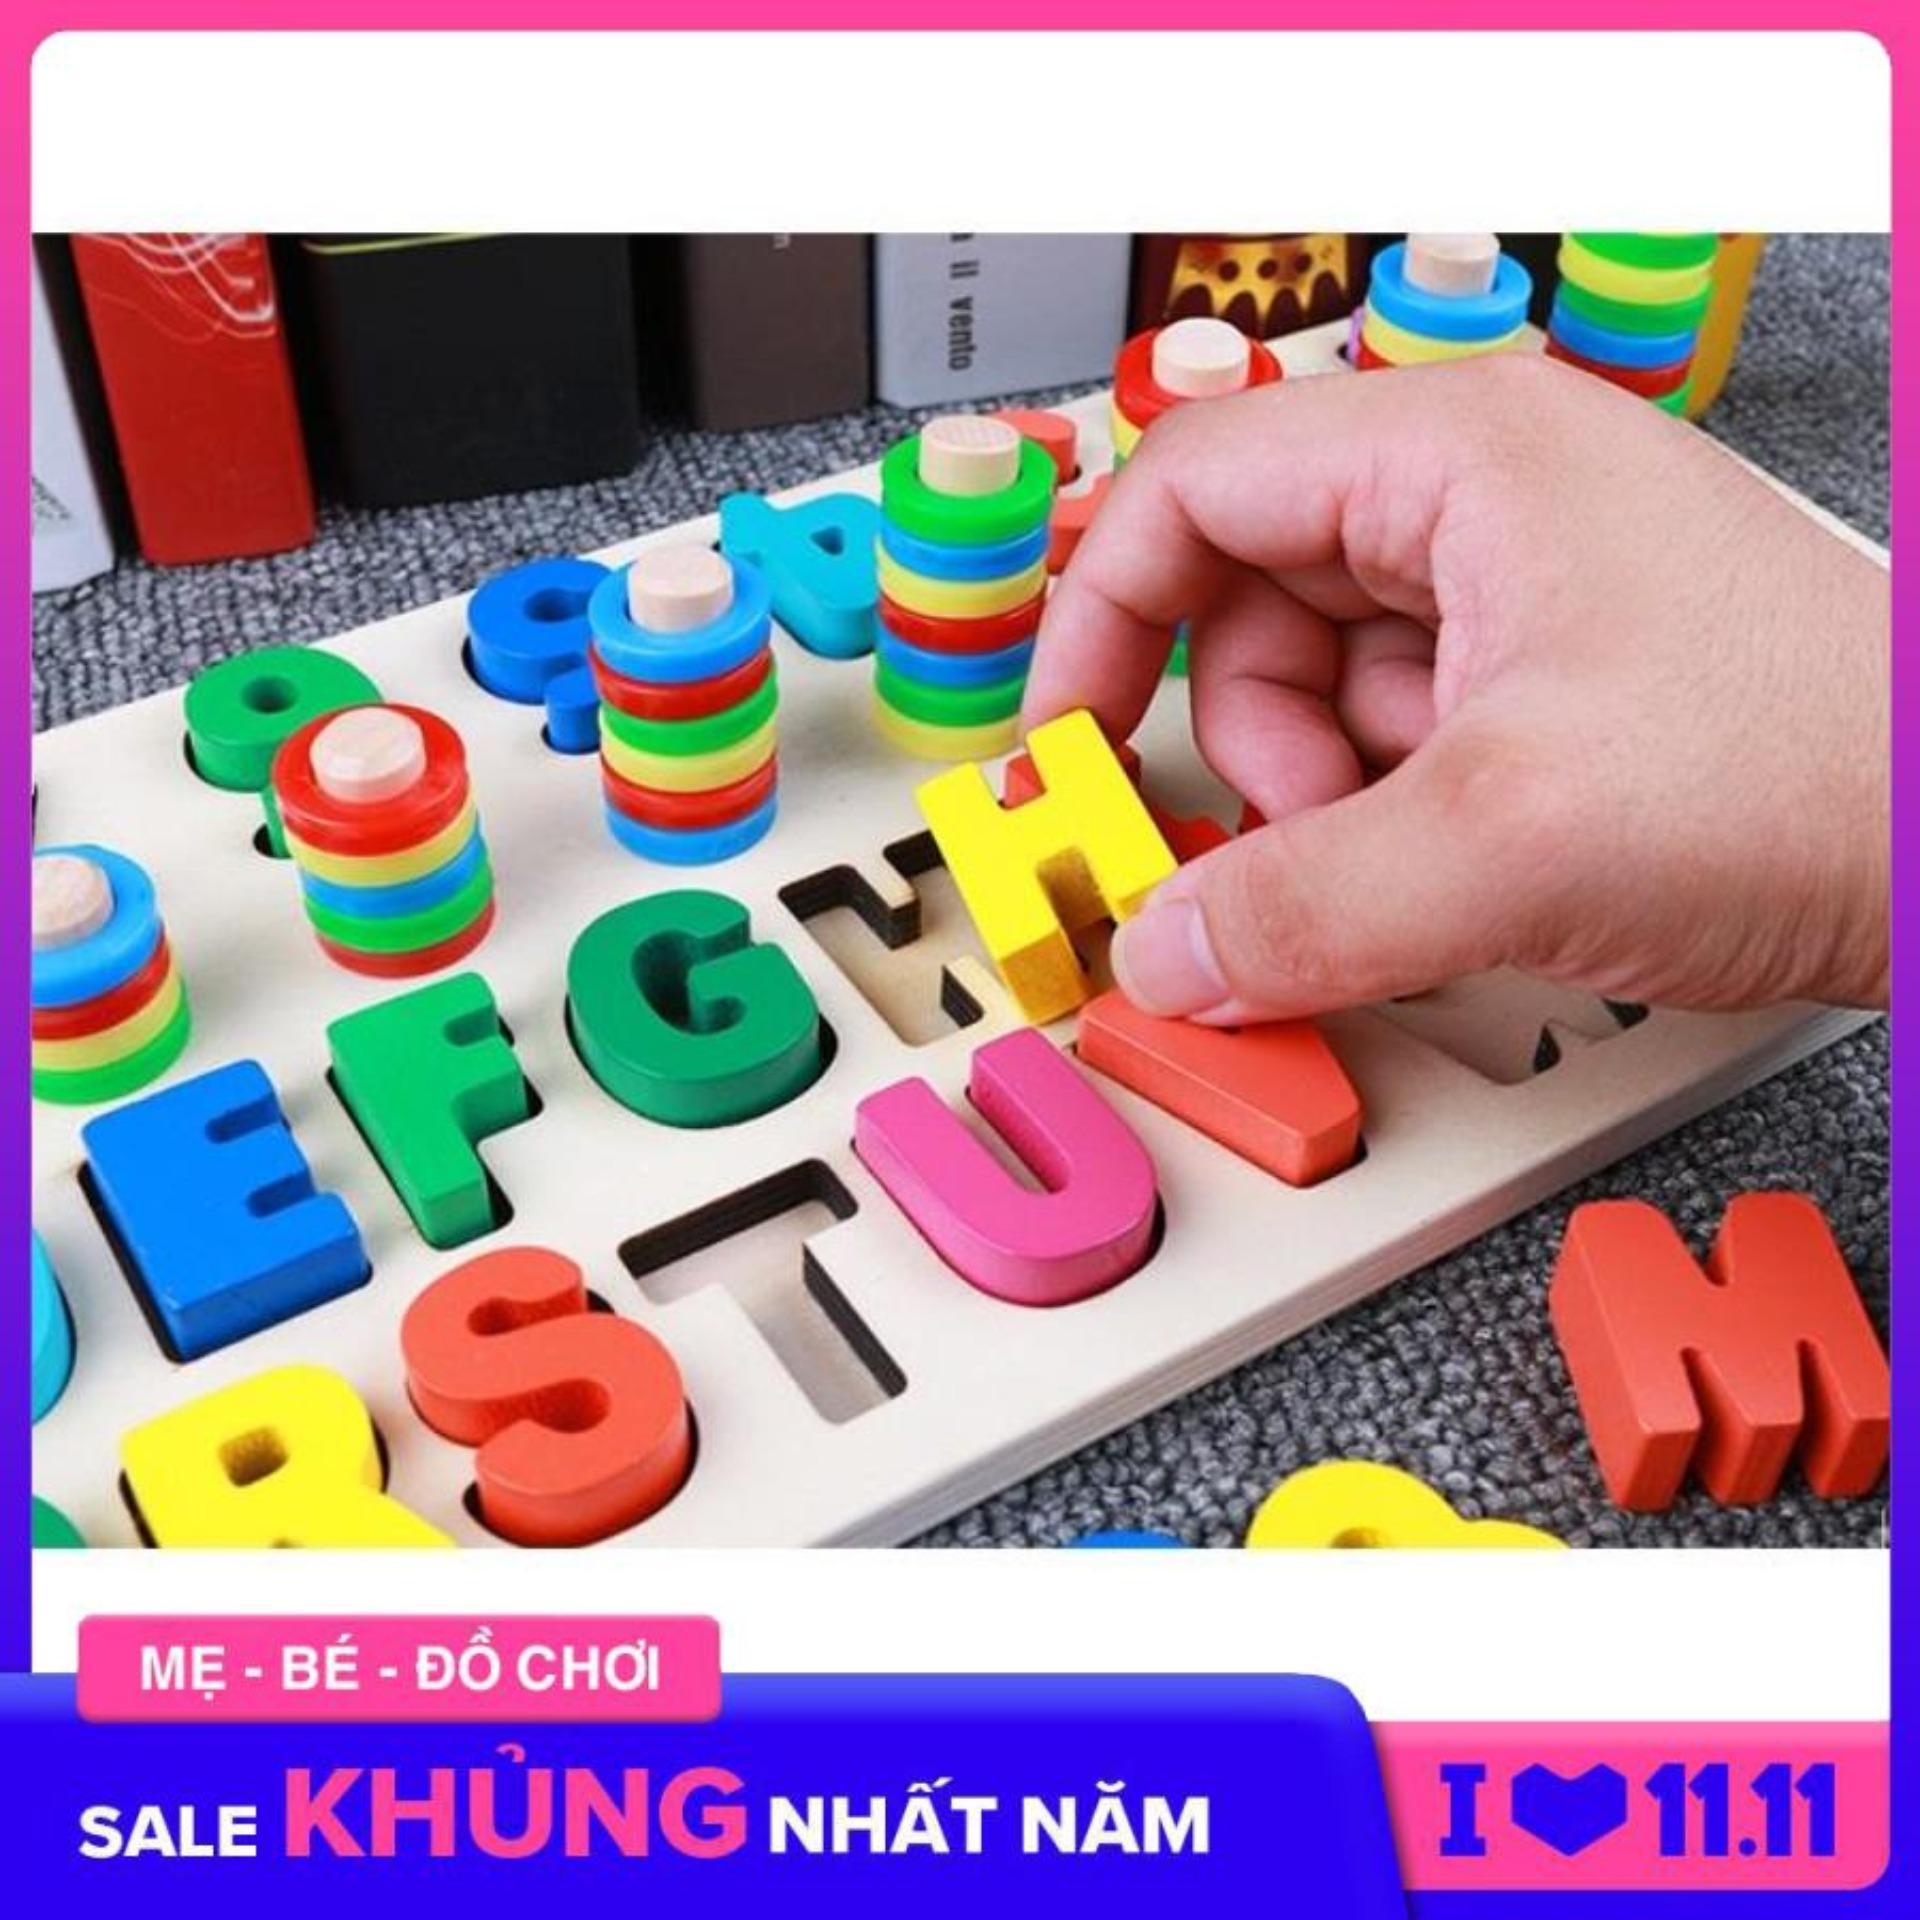 Đồ chơi bảng gỗ hình khối giúp bé học chữ...